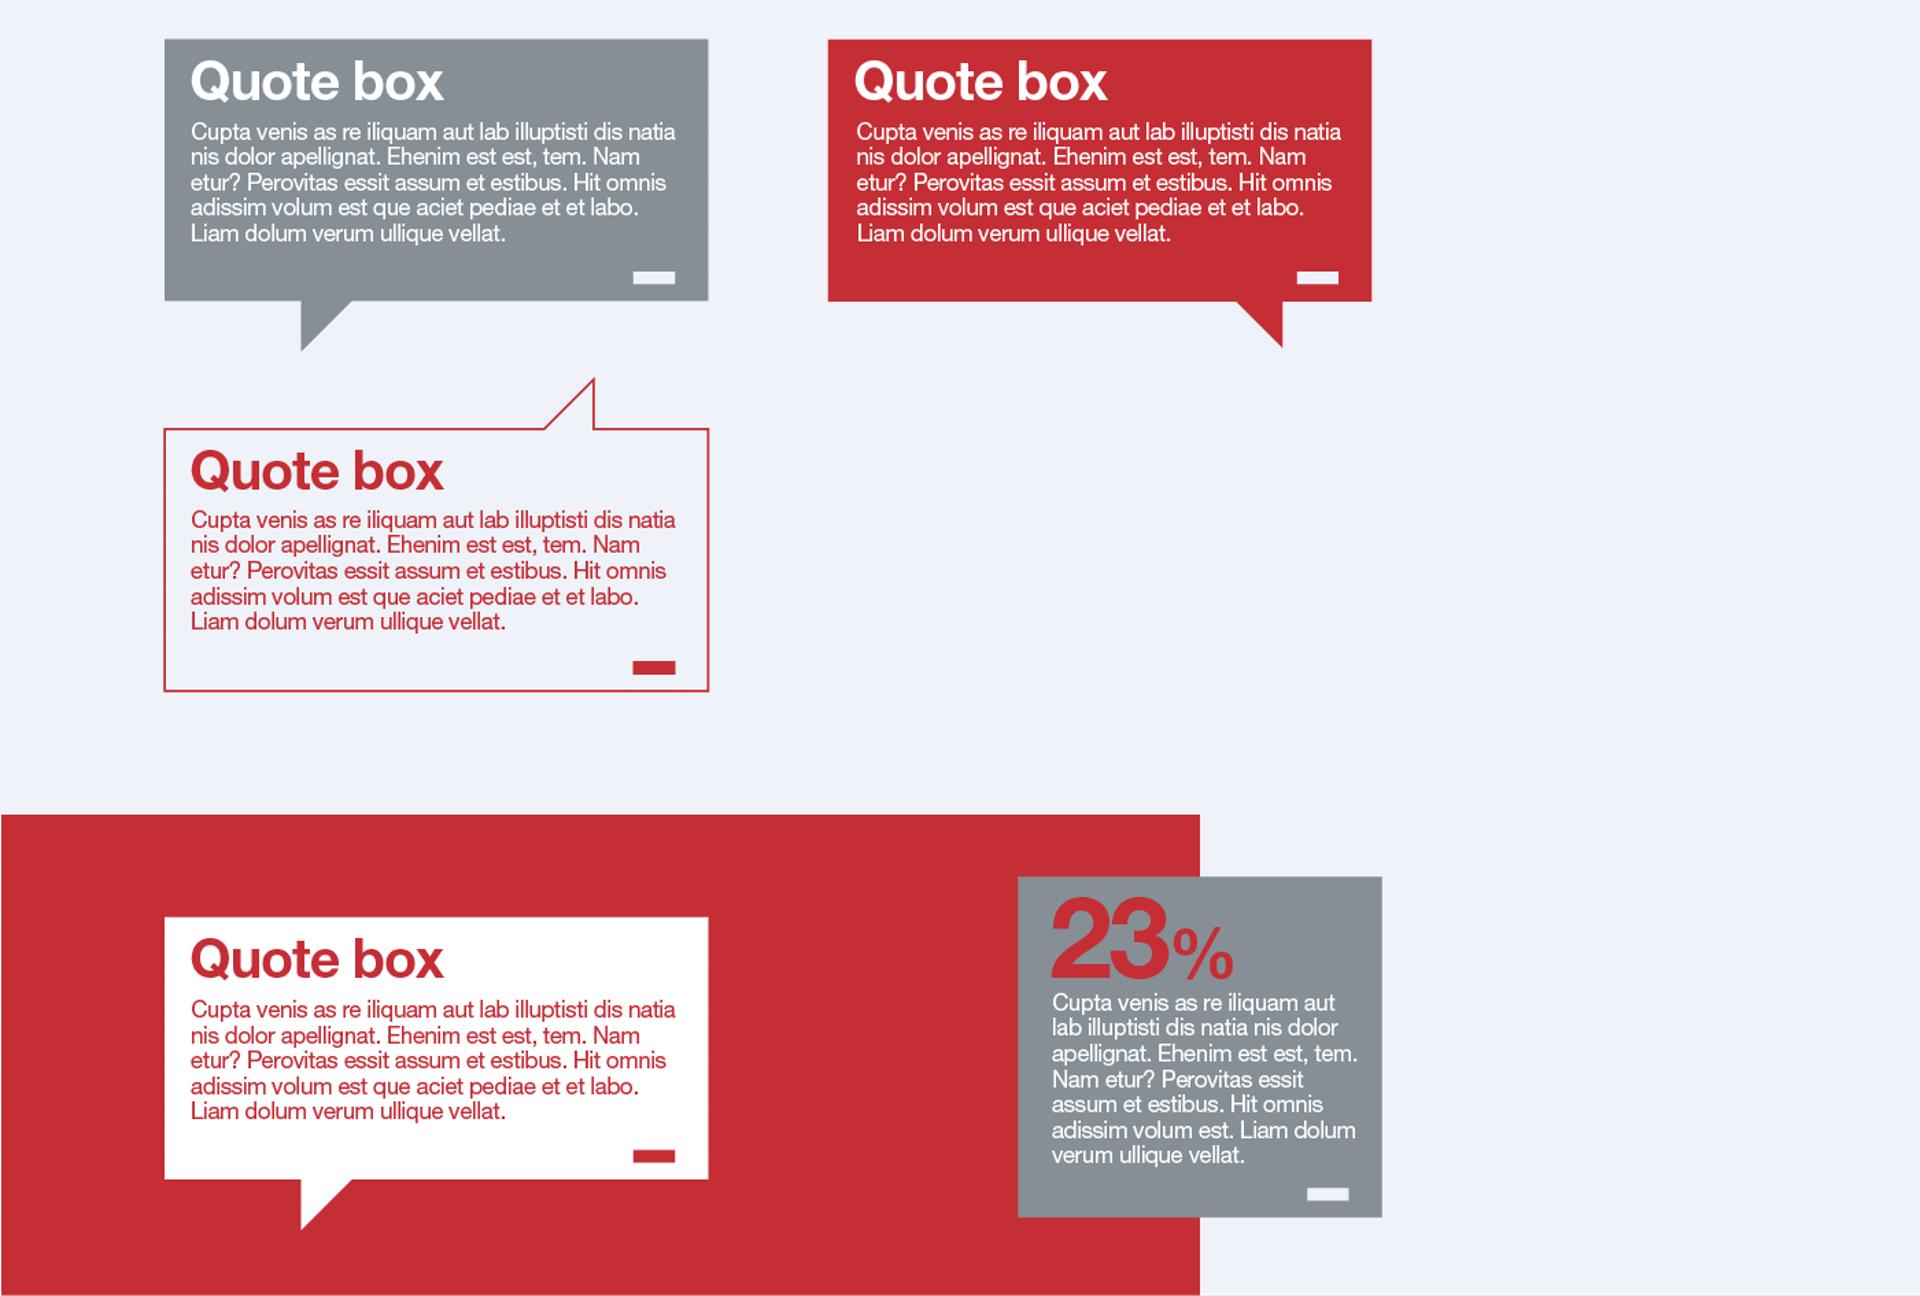 Quotebox 01